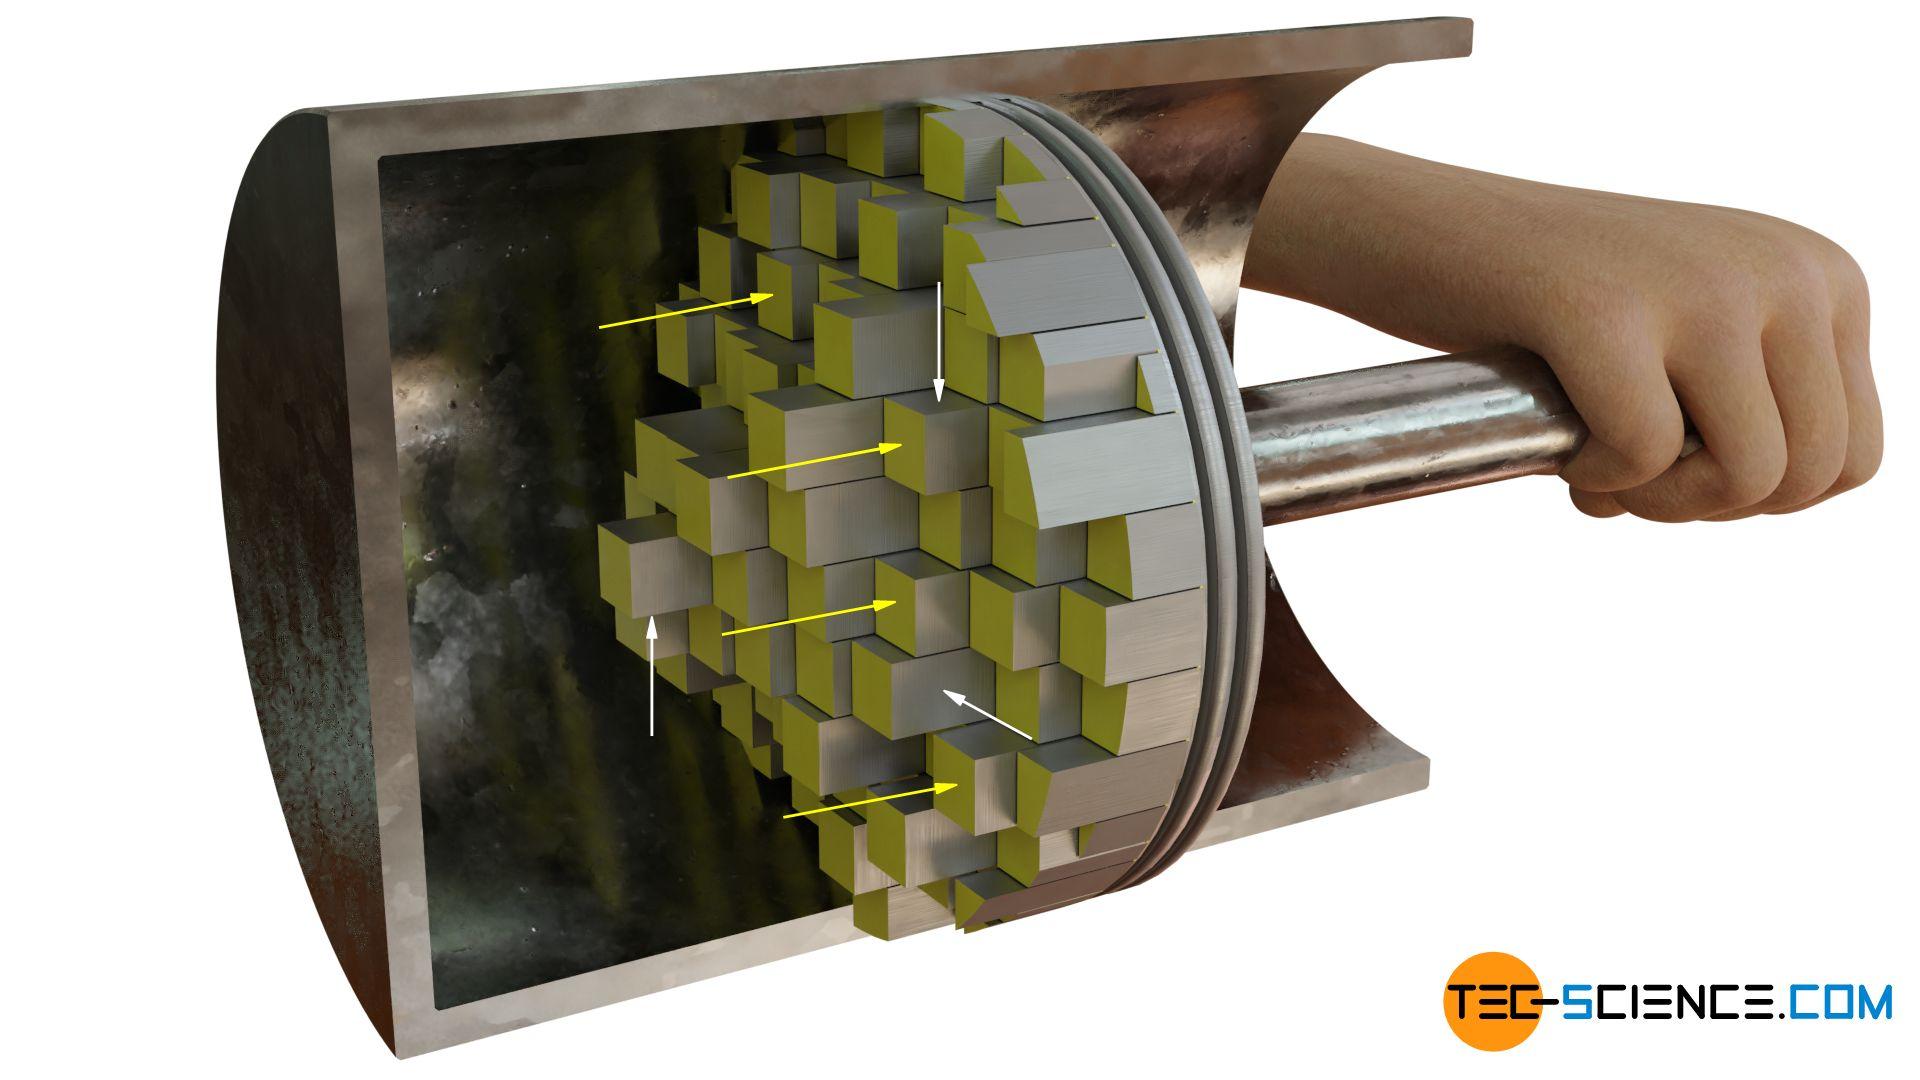 Druck auf eine gekrümmte Oberfläche, angenähert als Treppenfunktion